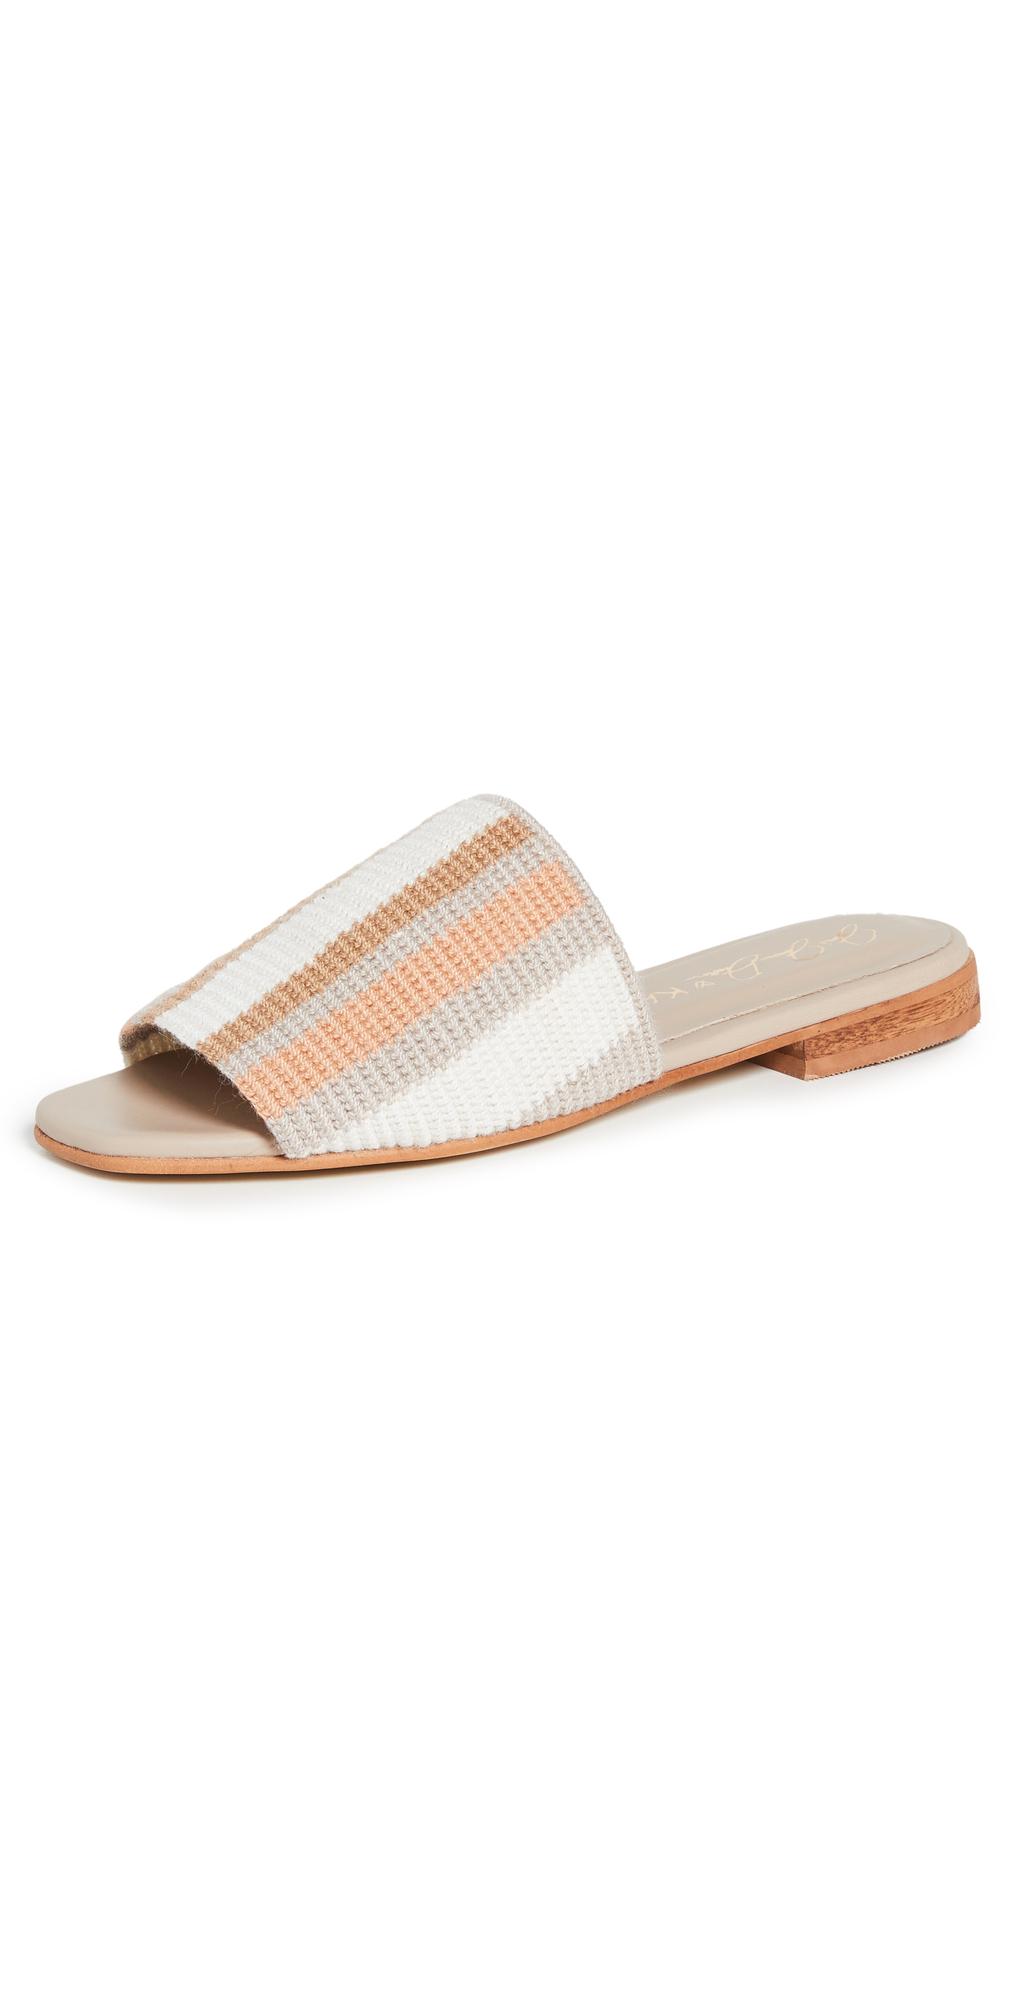 x Jessie James Decker Bronte Sandals